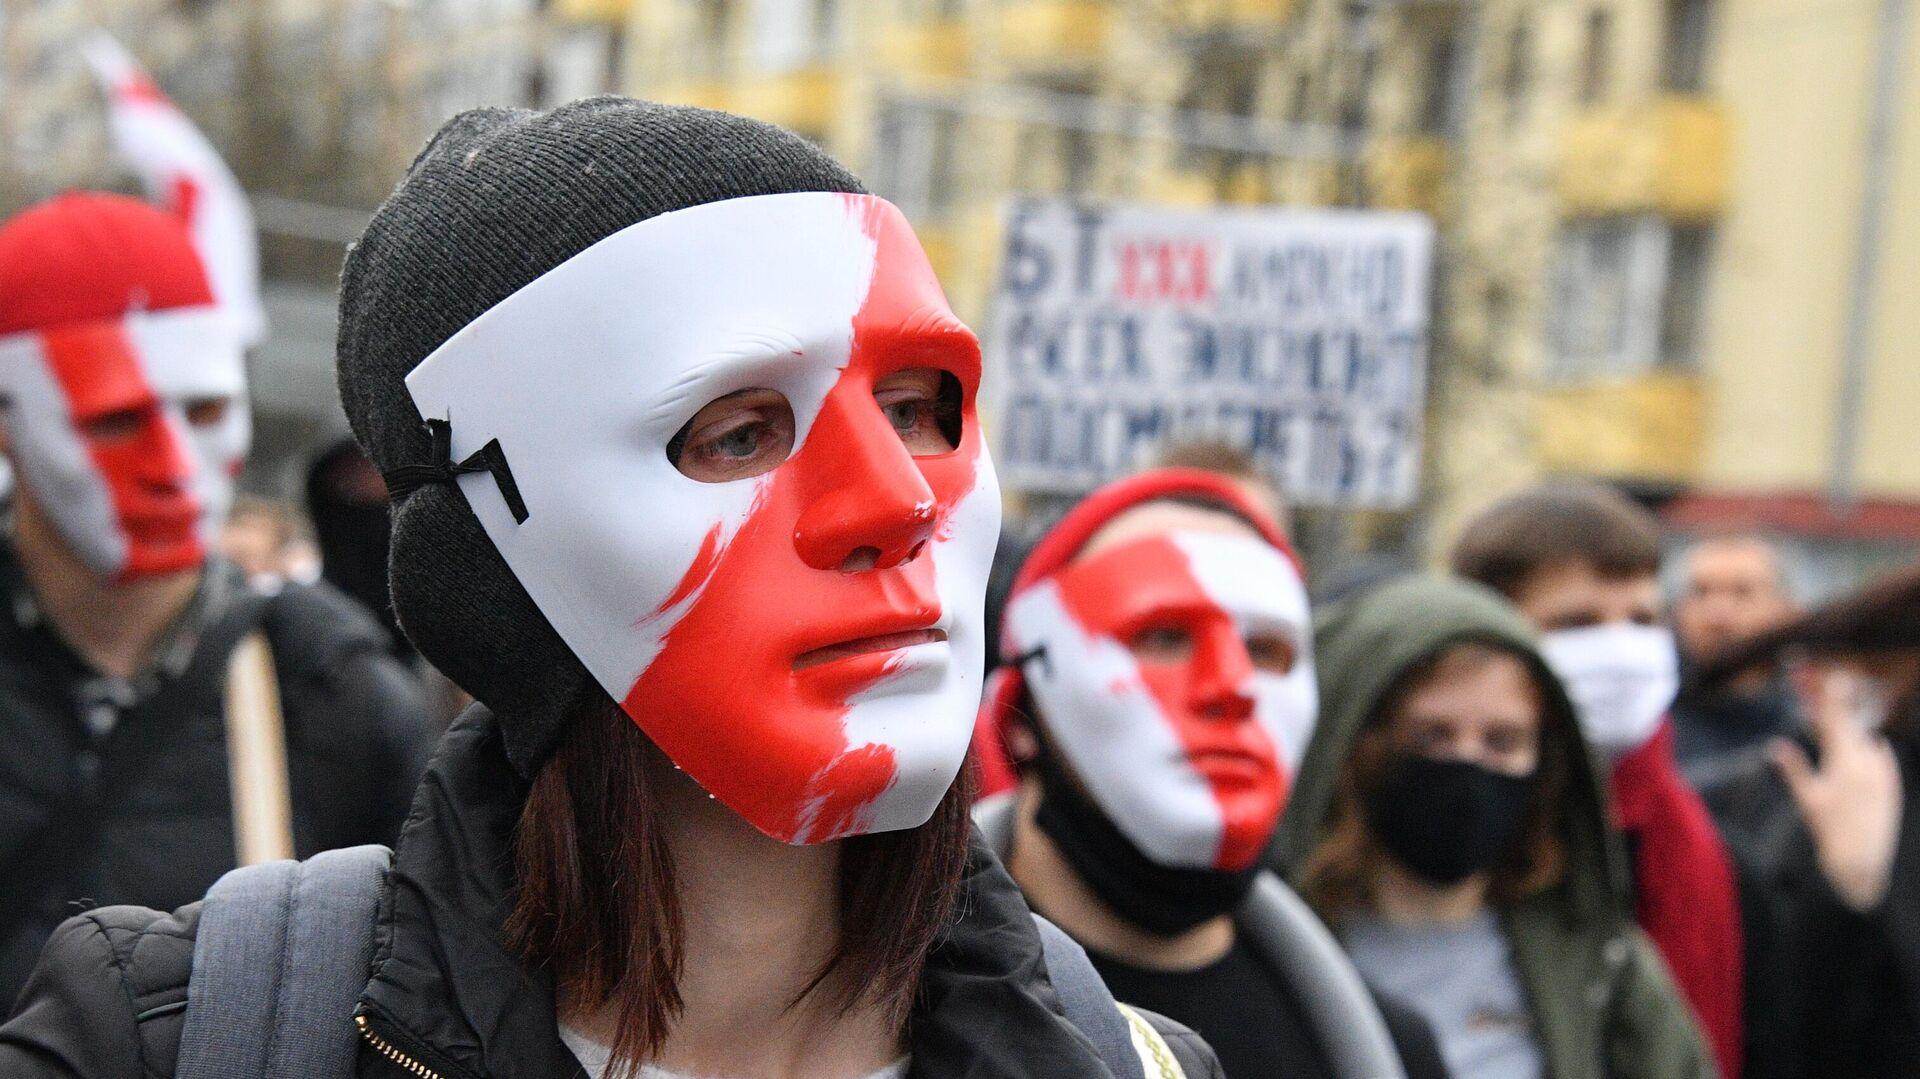 Участники акции протеста оппозиции Народный ультиматум в Минске - РИА Новости, 1920, 26.10.2020